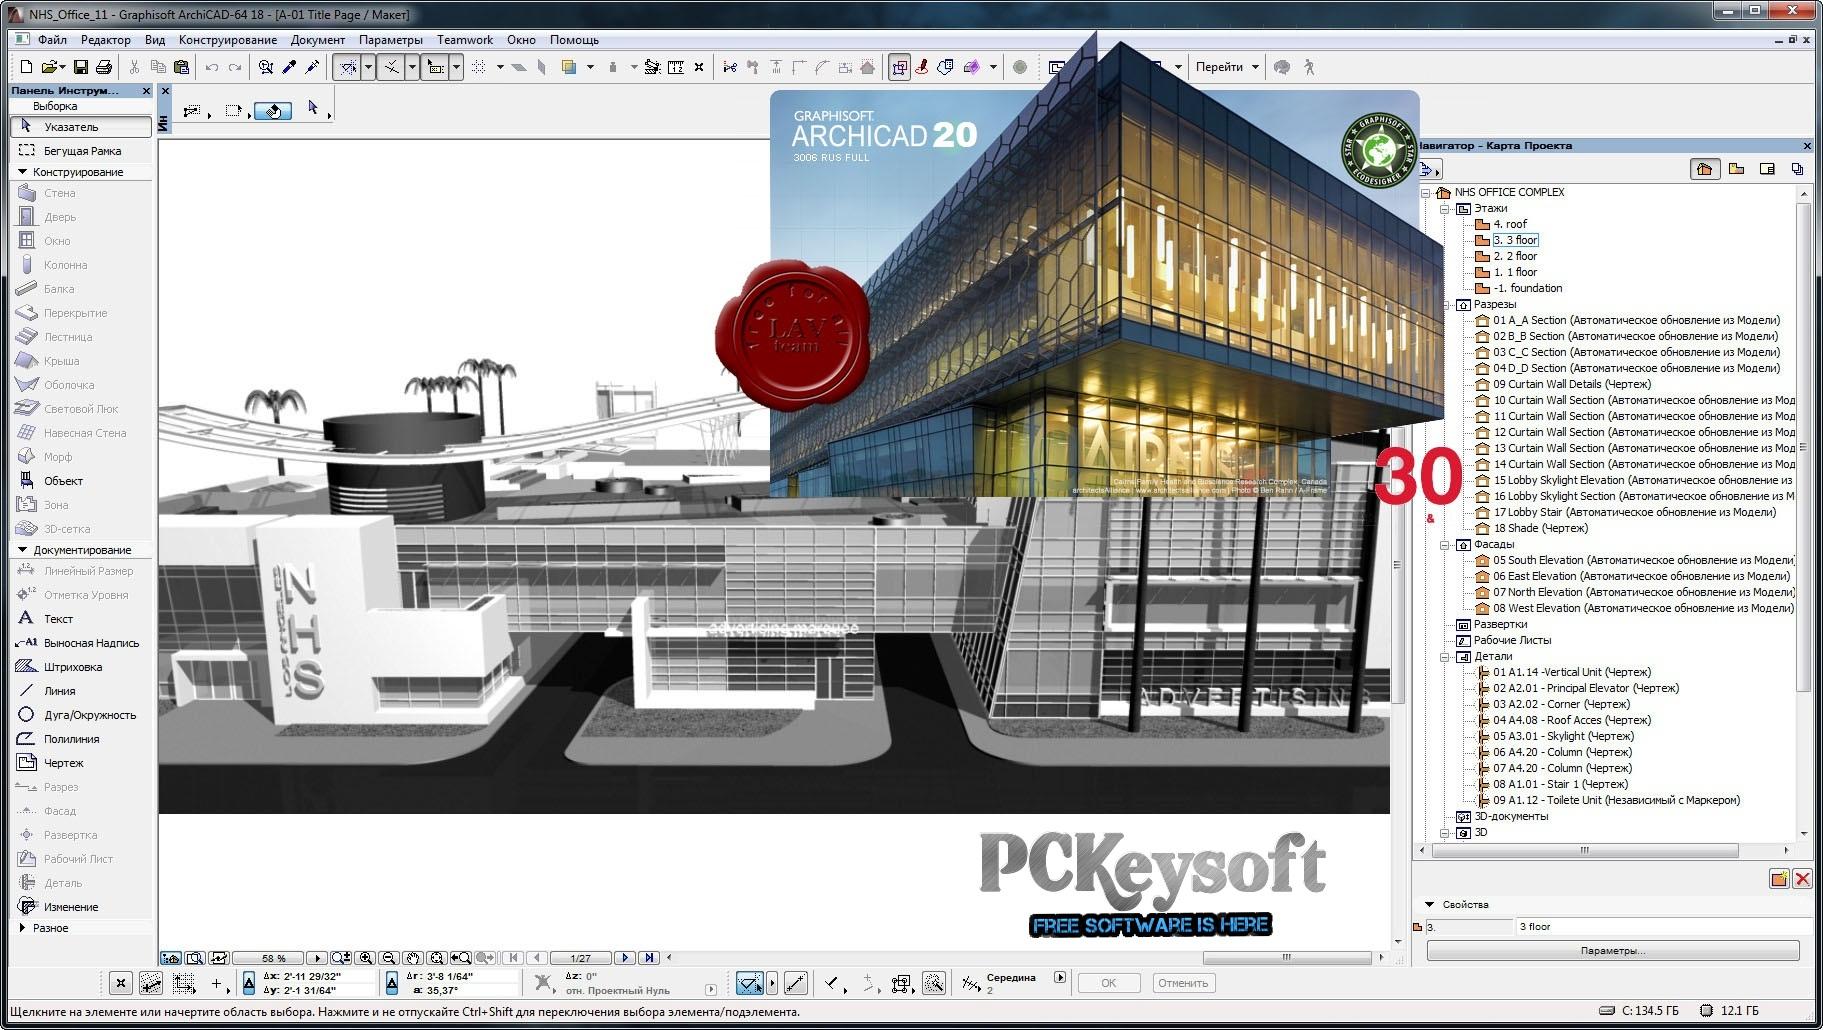 3d Home Design Software Free Download Full Version Graphisoft Archicad 20 Crack Plus Keygen Download Free